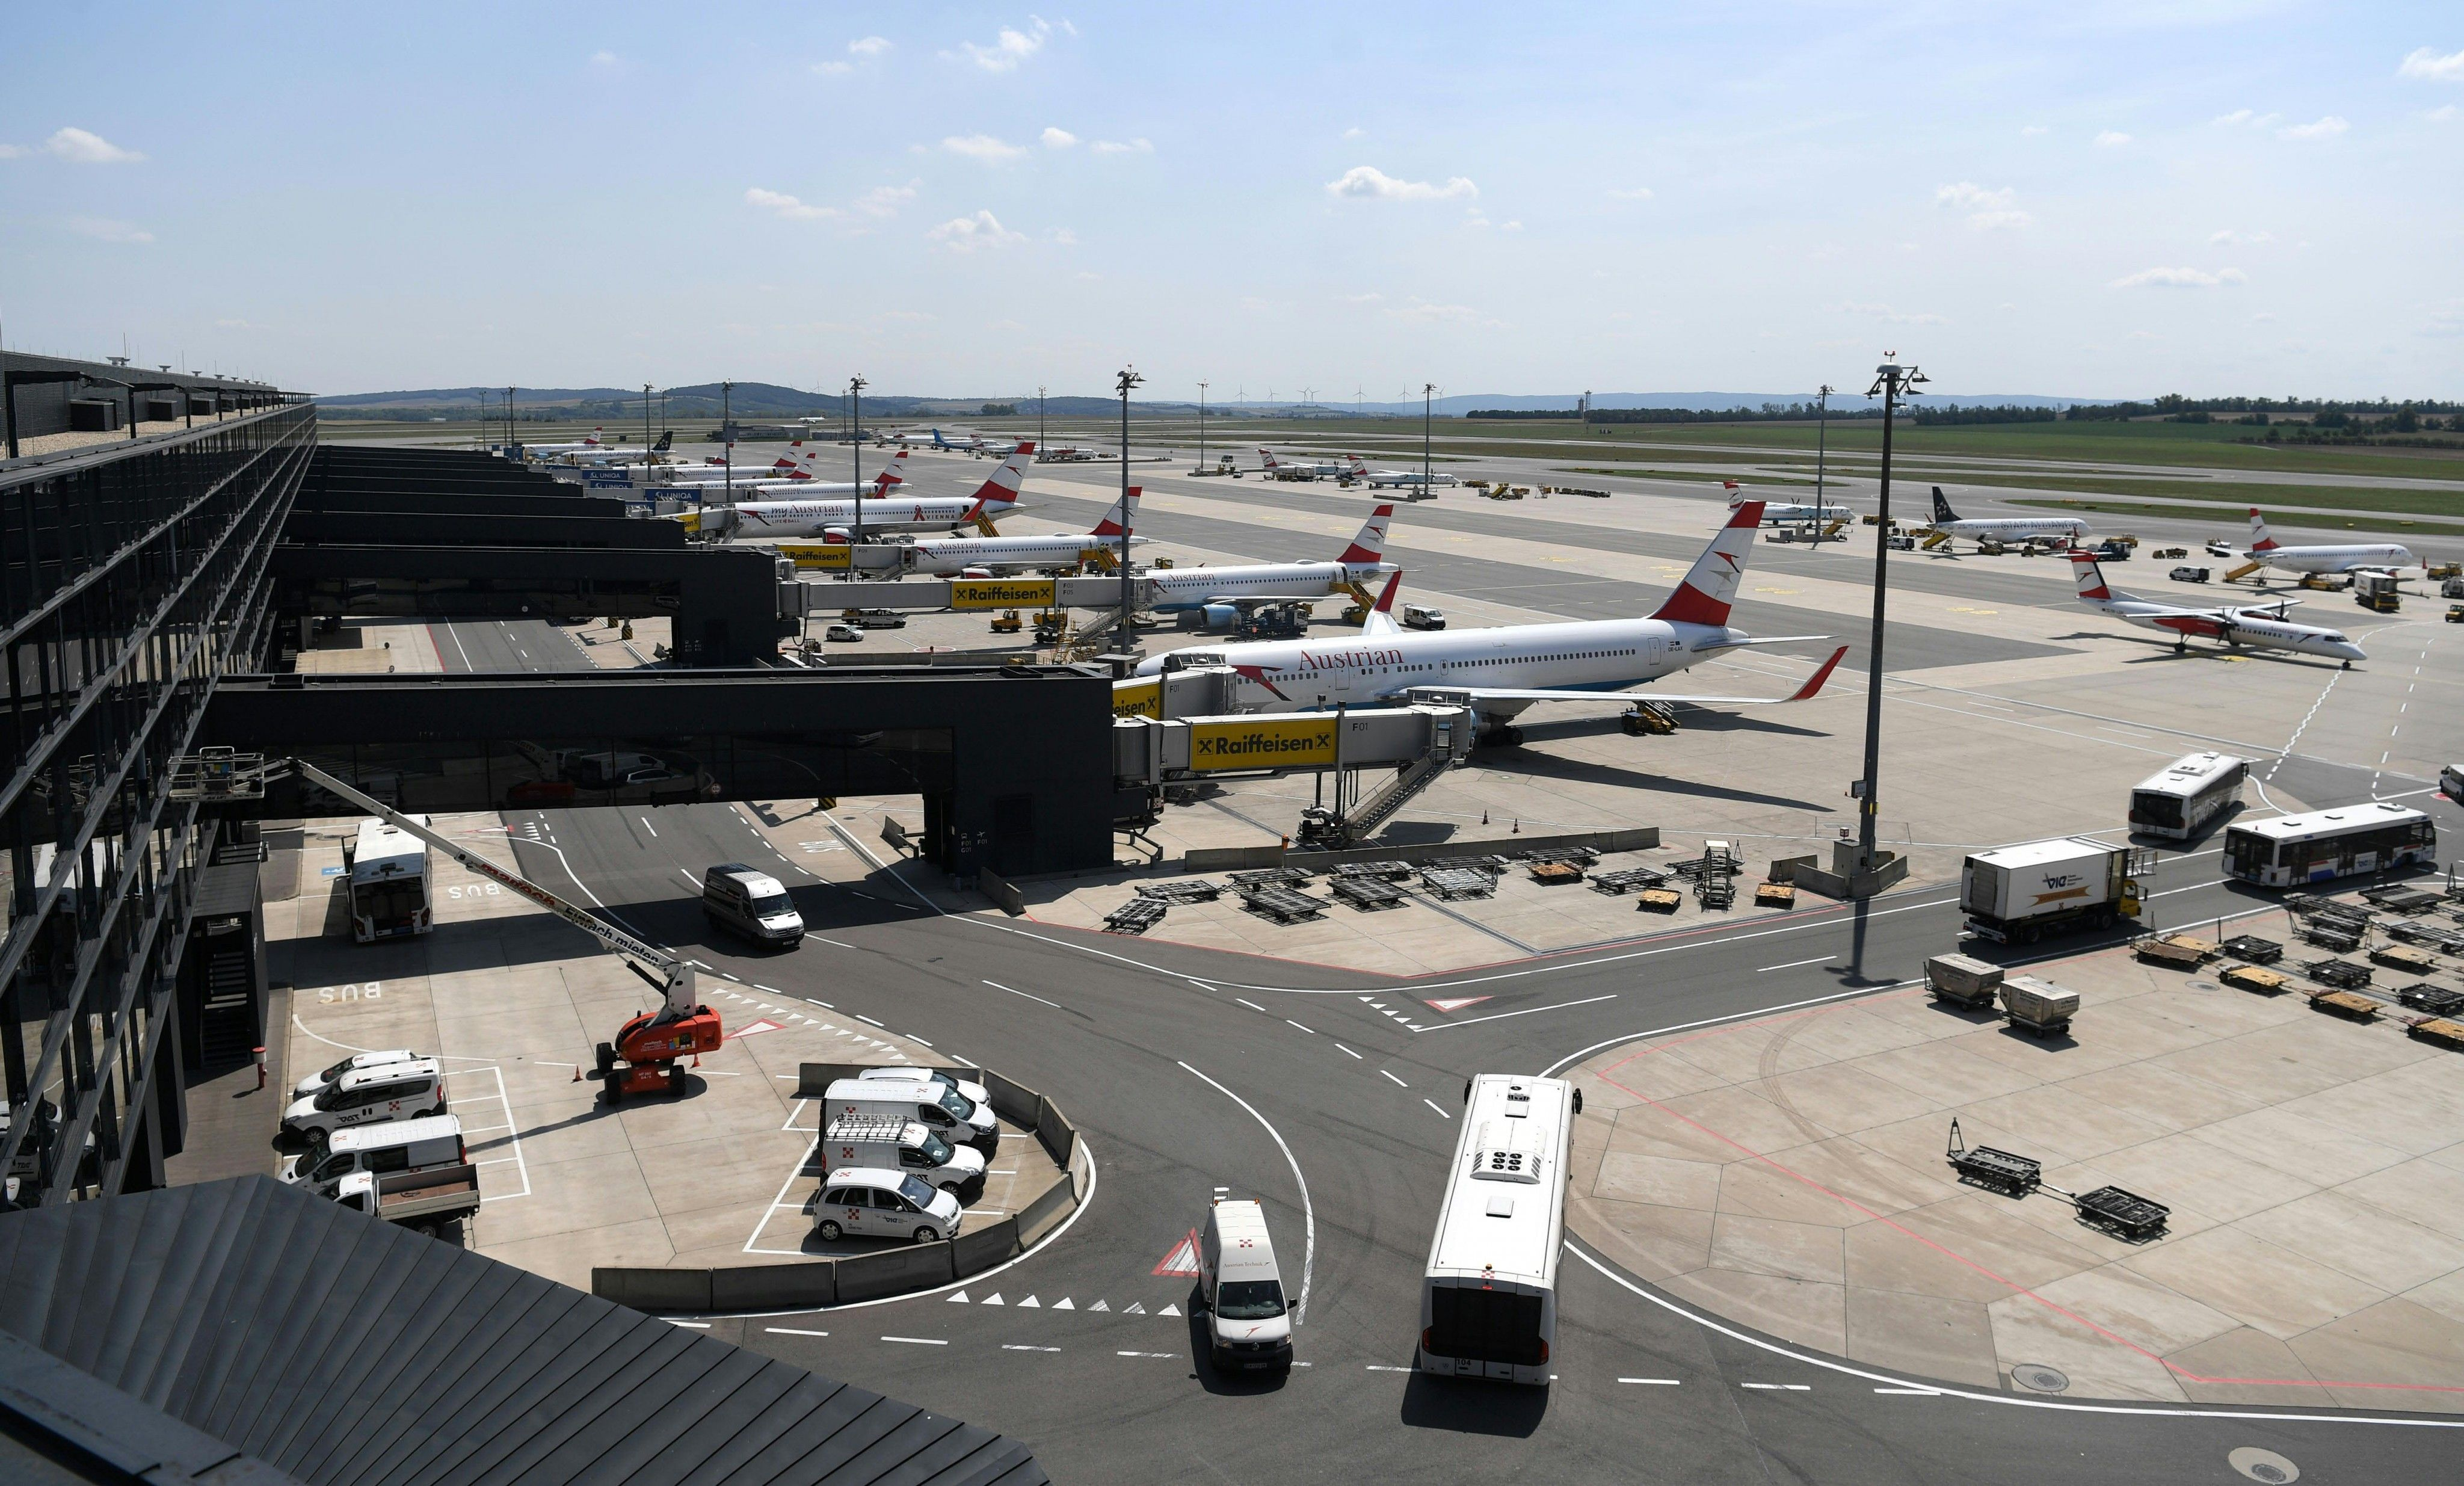 Betriebsversammlung von Austro Control könnte Auswirkungen auf Flugverkehr haben